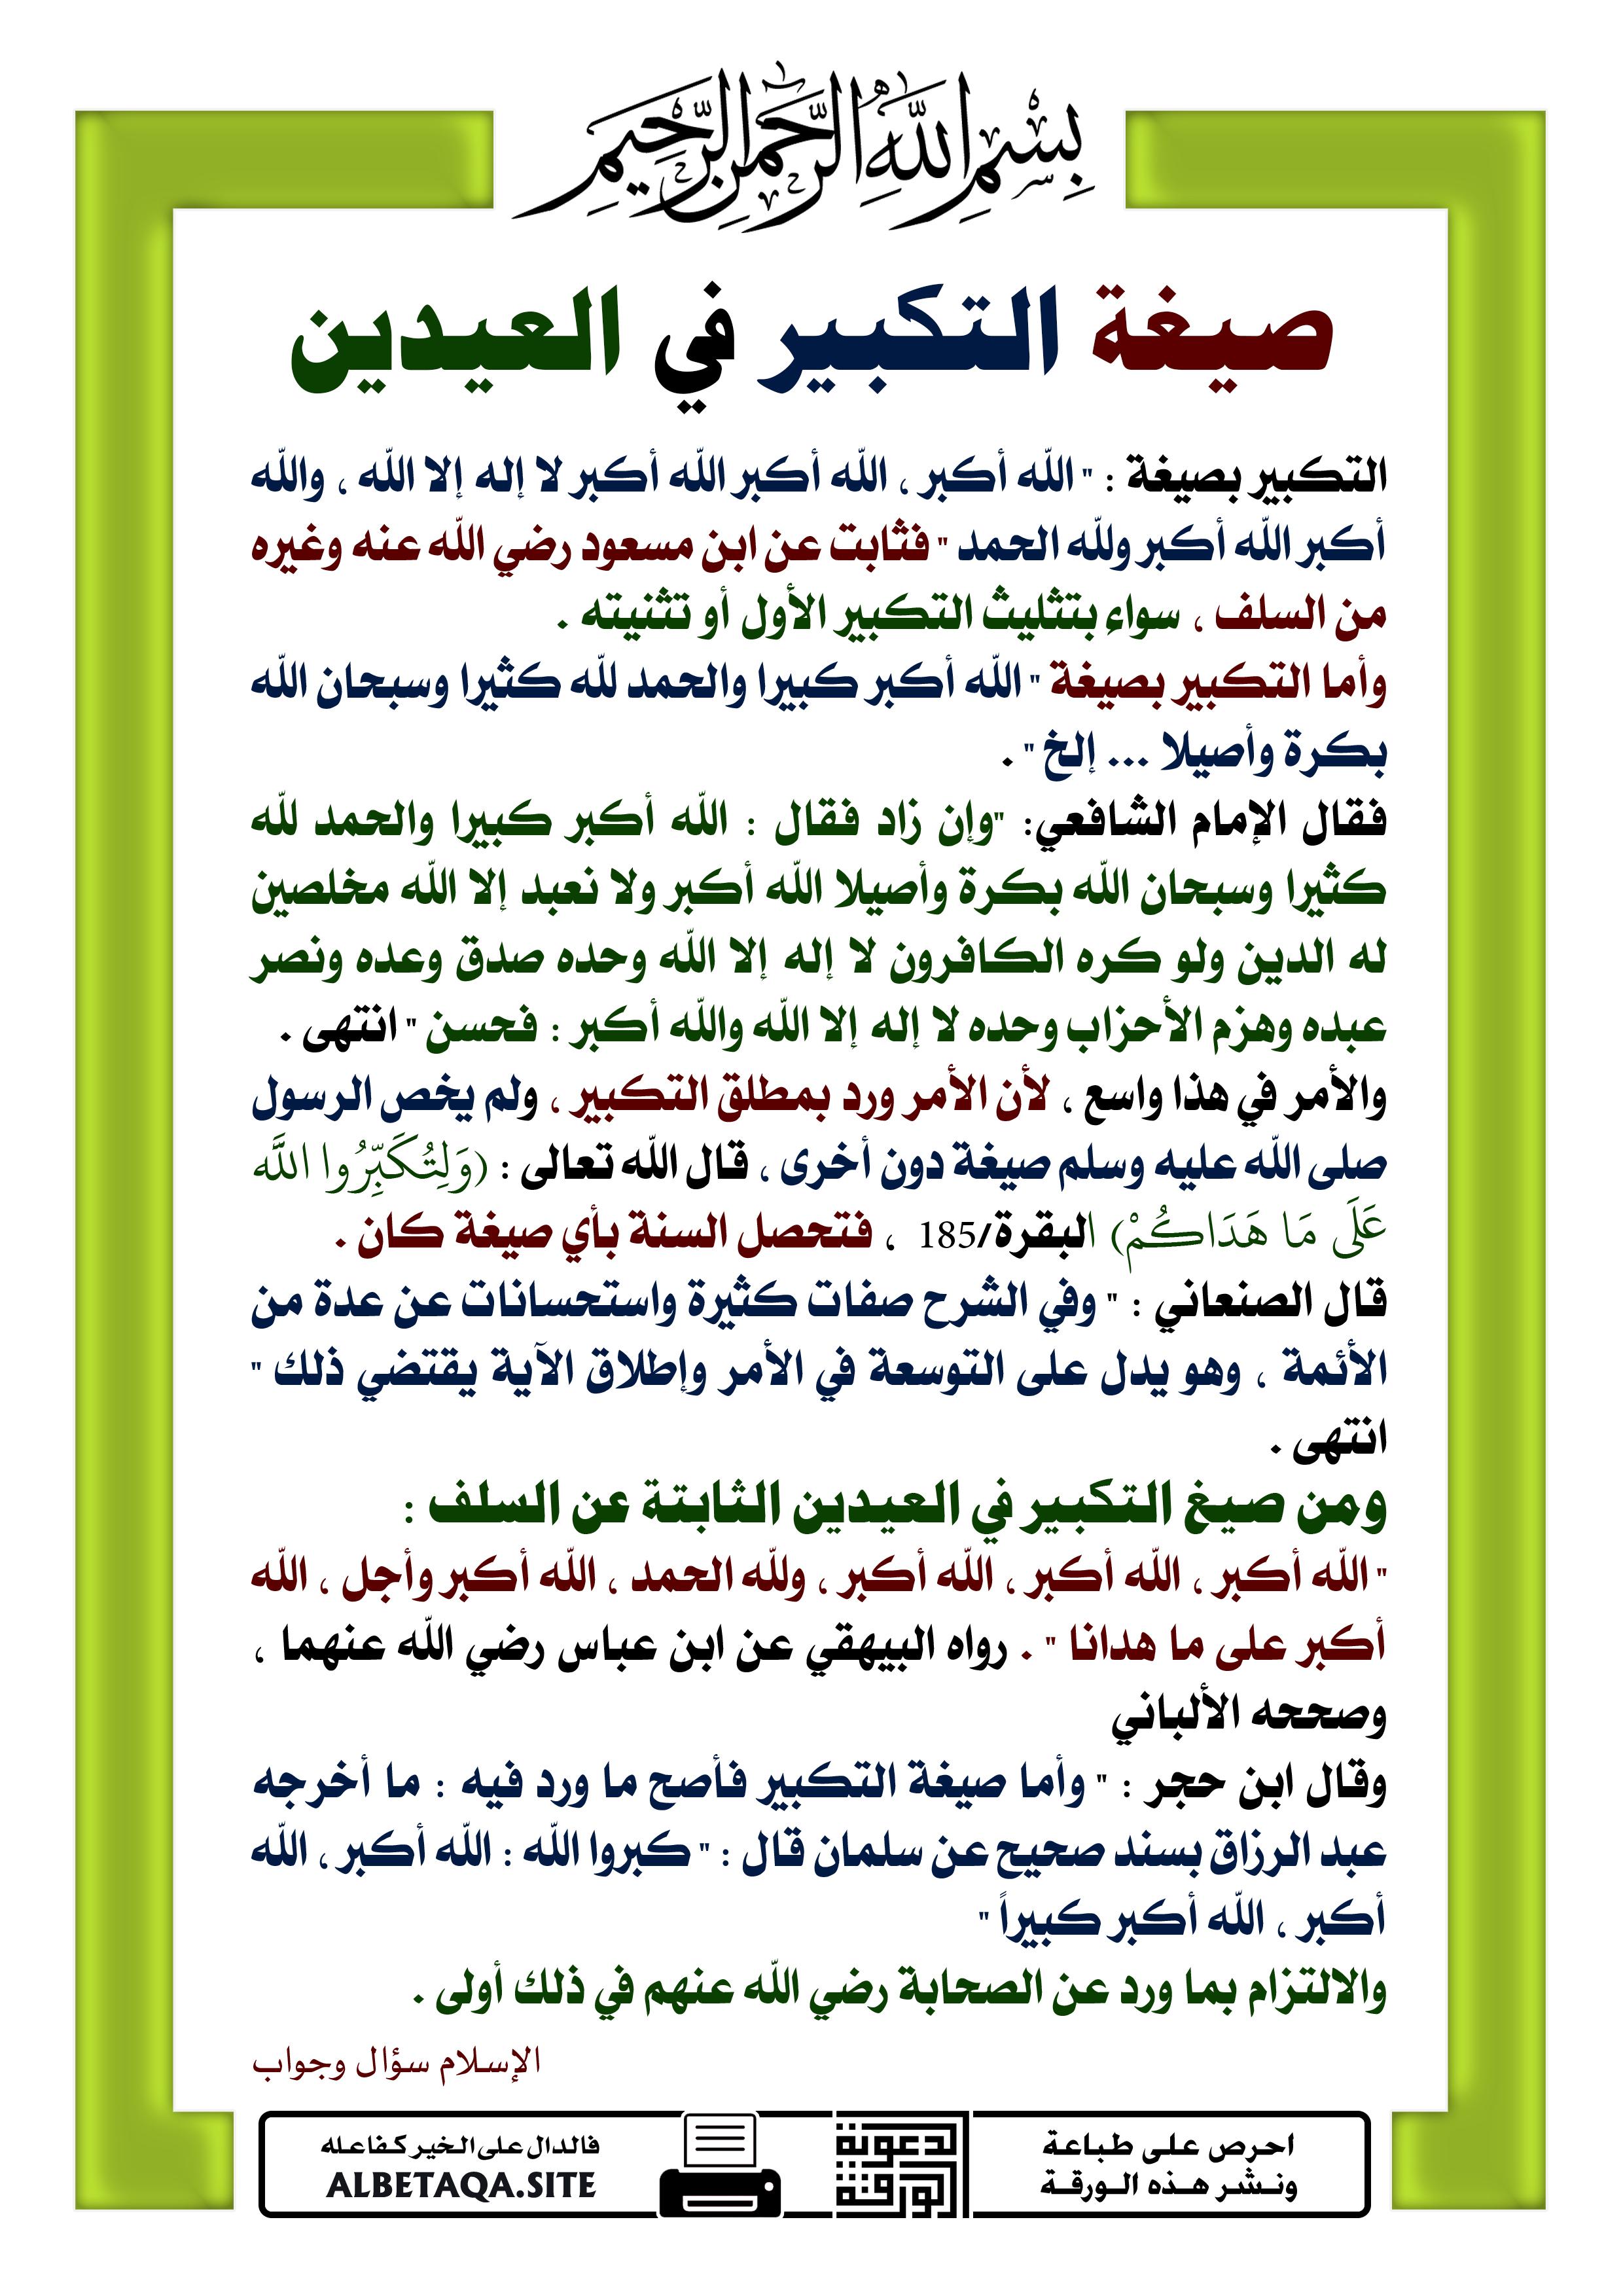 صيغة التكبير في العيدين موقع البطاقة الدعوي